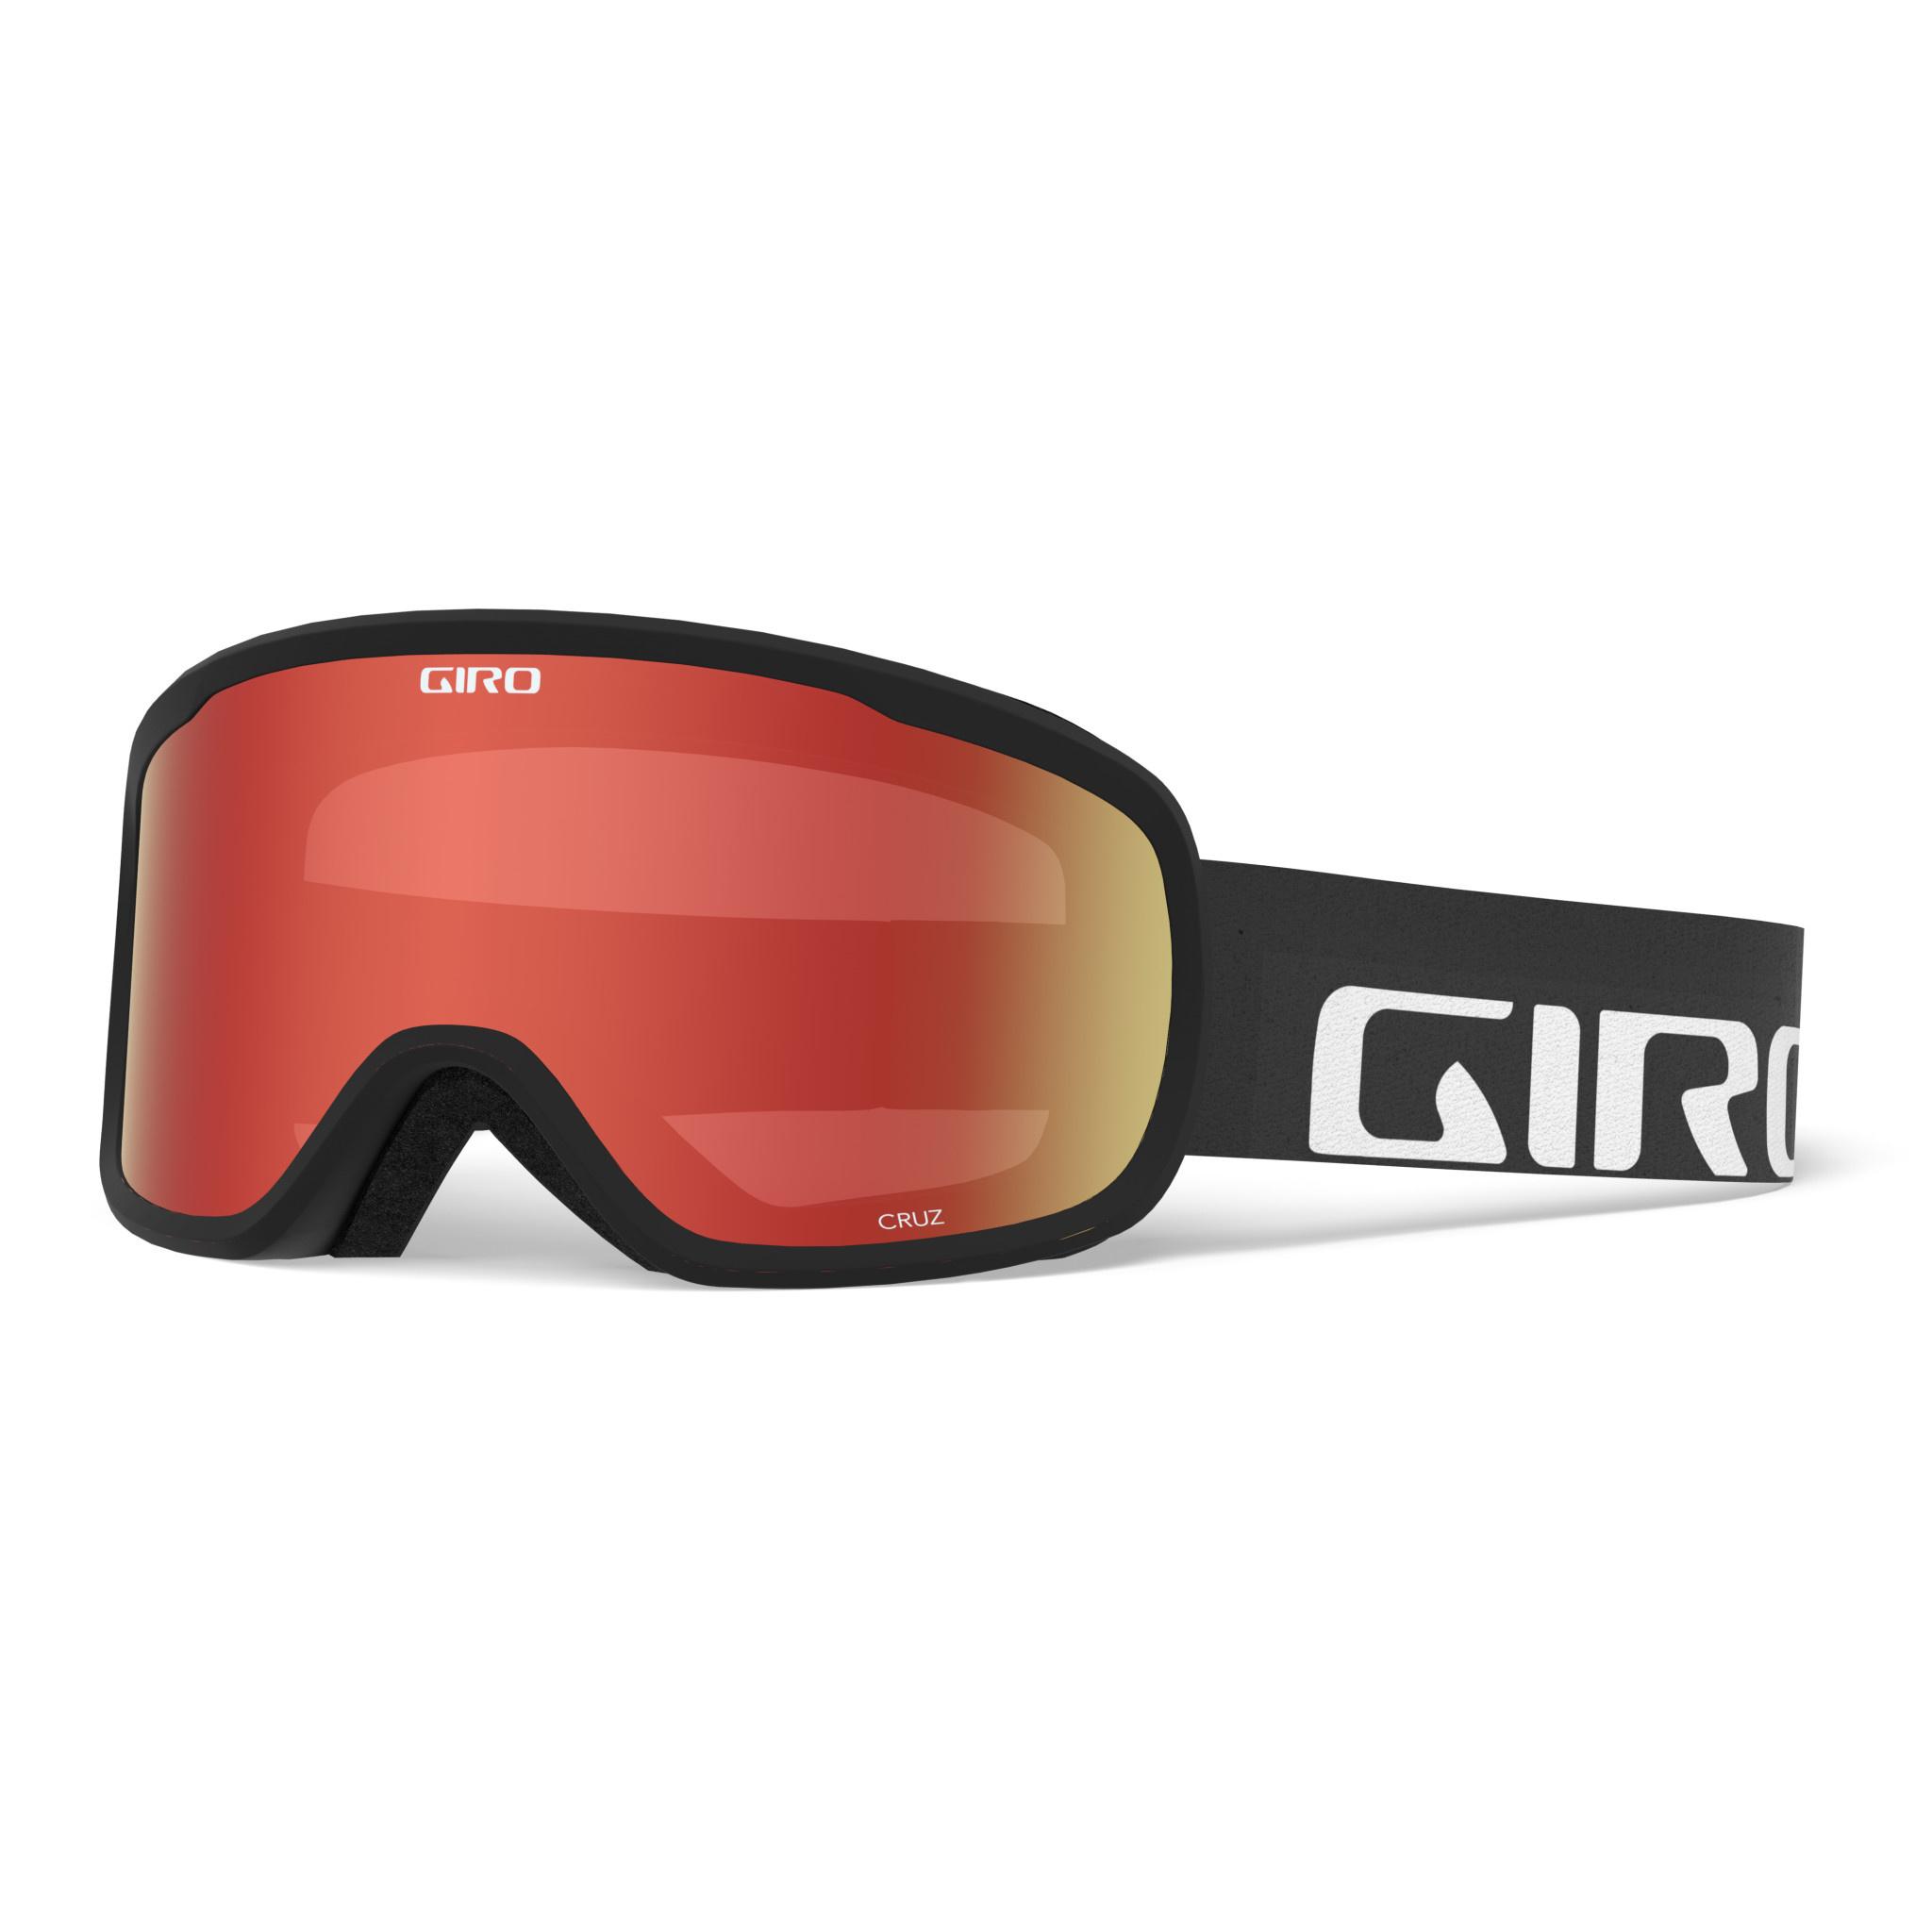 Giro Cruz-5